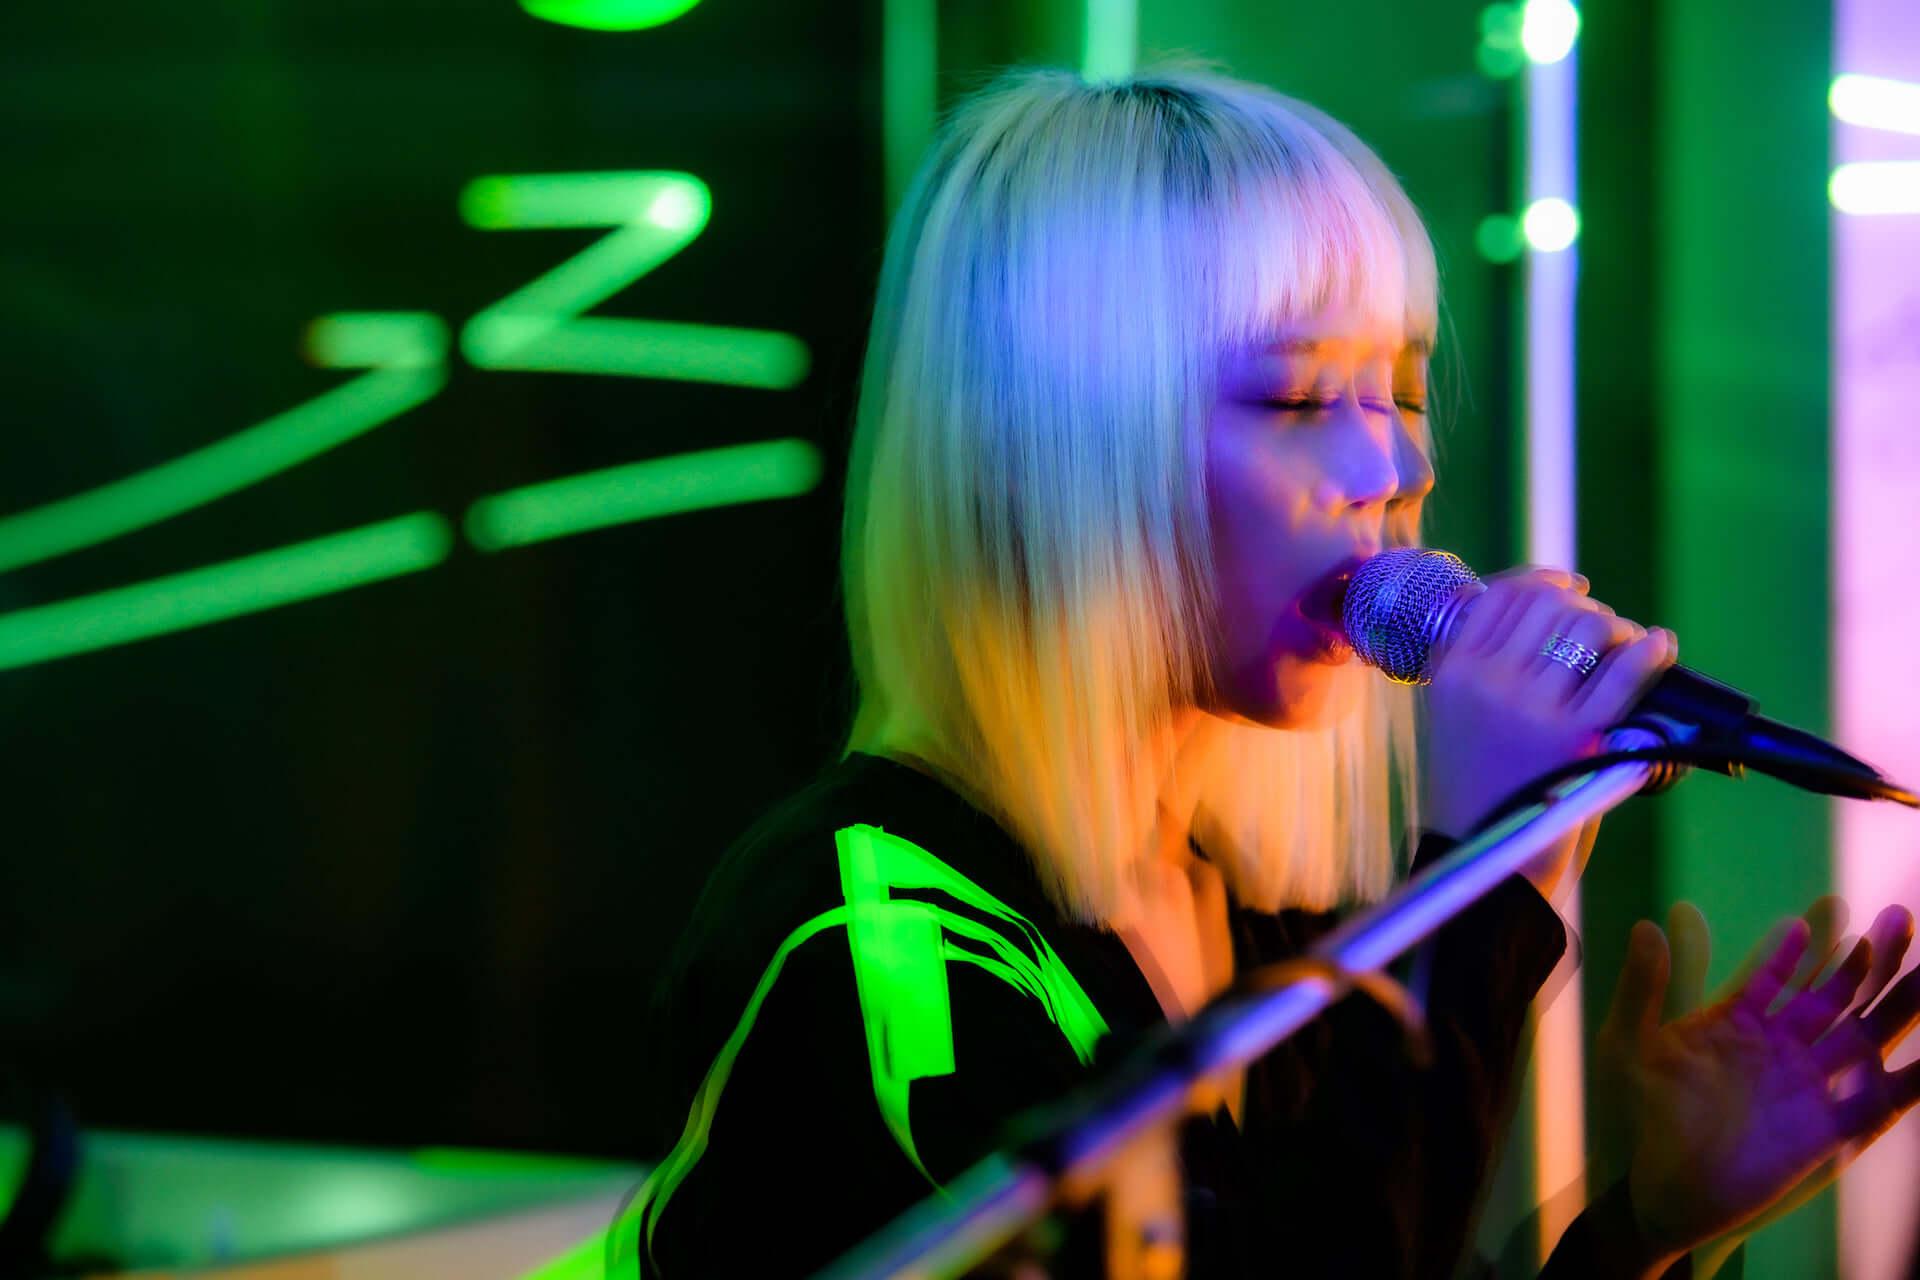 エッジィなメディア「CO:LABS」によるクリエイティブコラボパーティー<CO:LABS LIVE>に潜入! music-colabslive-5981-1920x1280